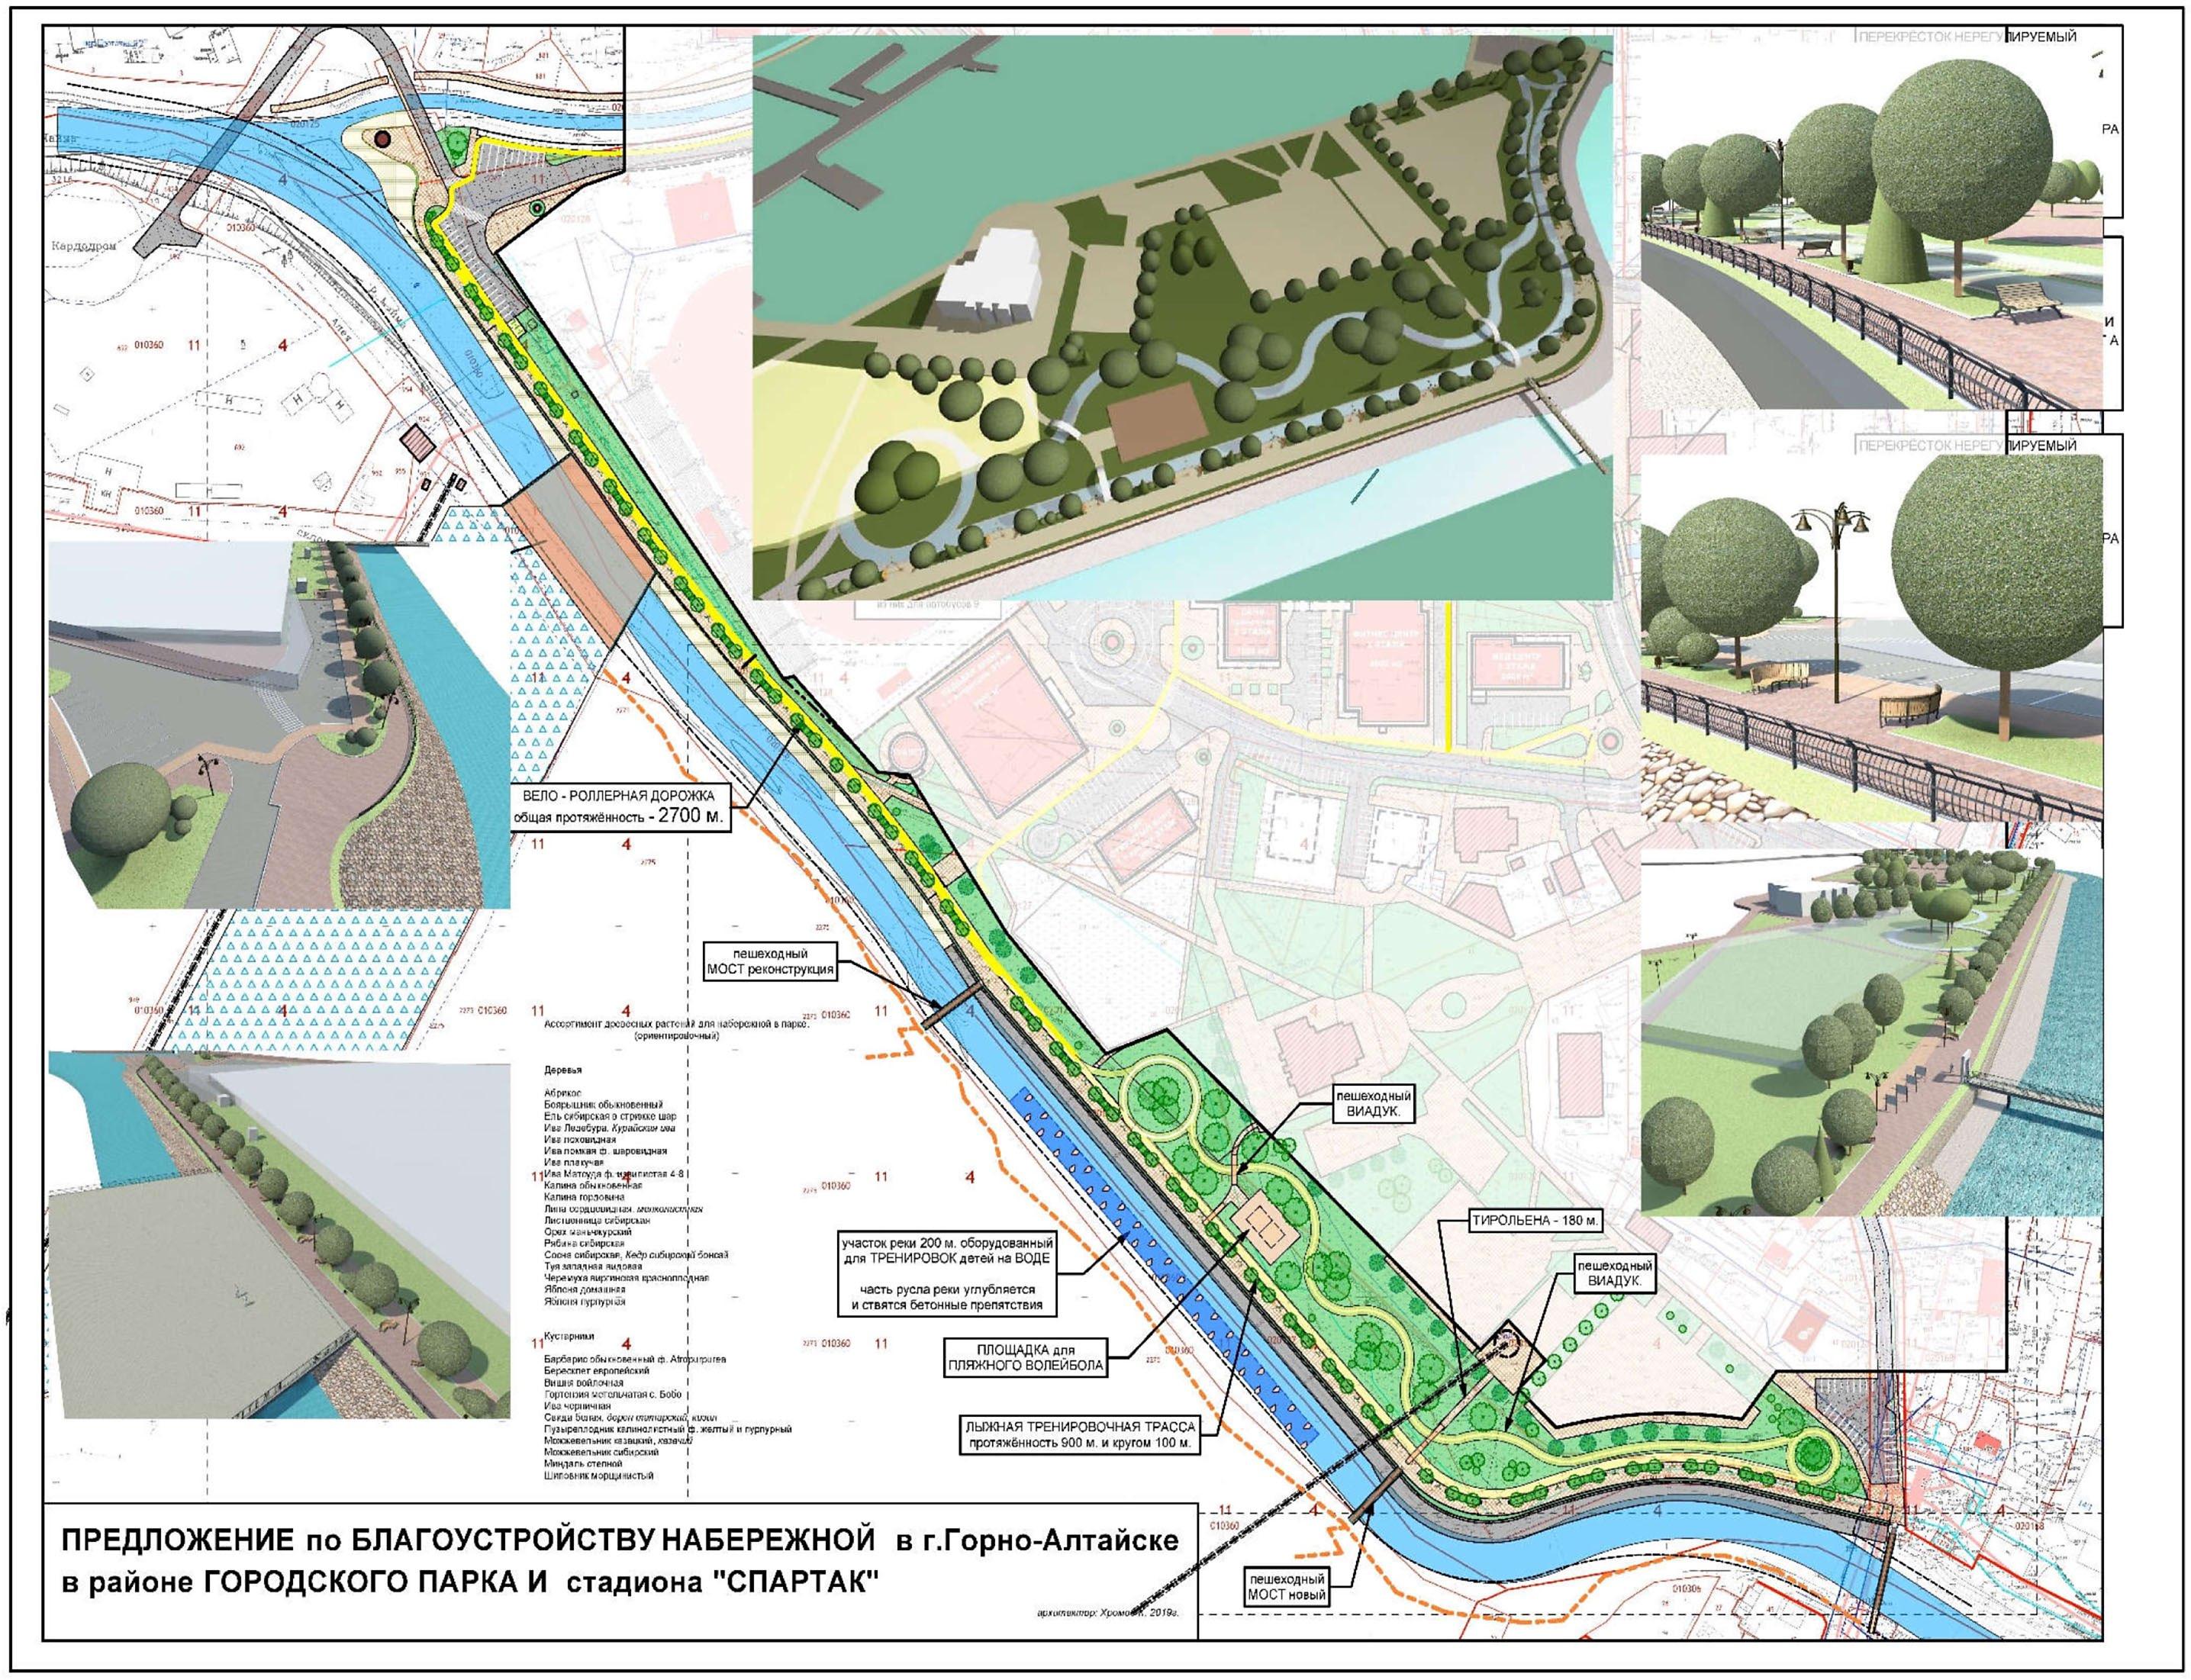 Утвержден проект благоустройства набережной реки Майма в районе городского парка